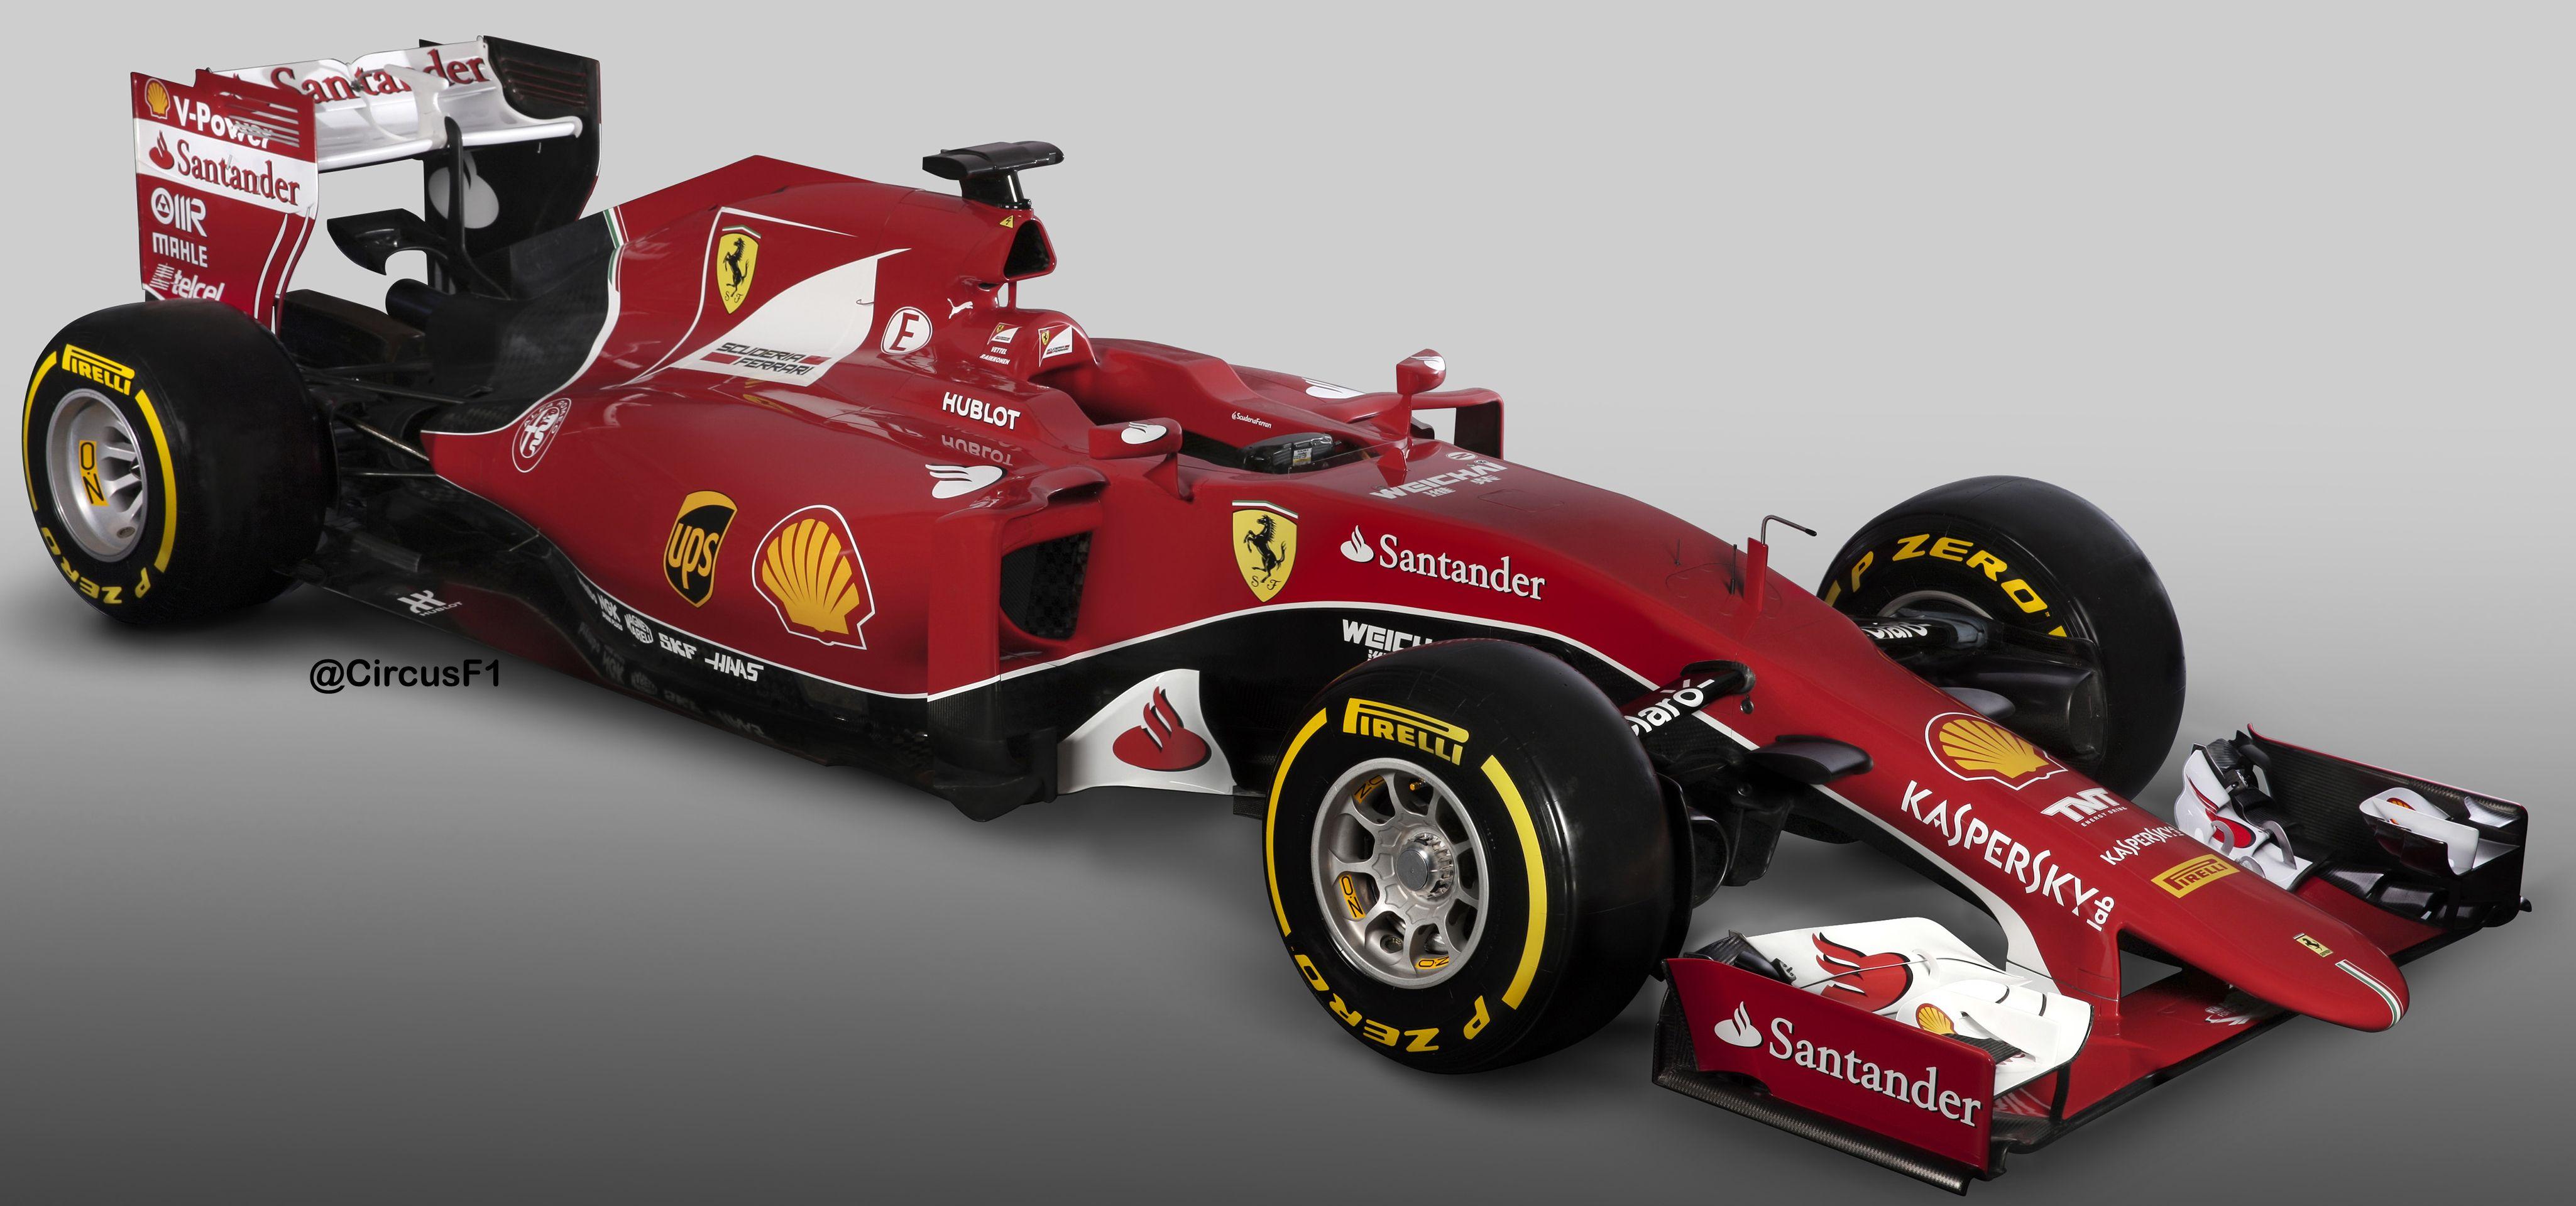 F1 2015 Ferrari